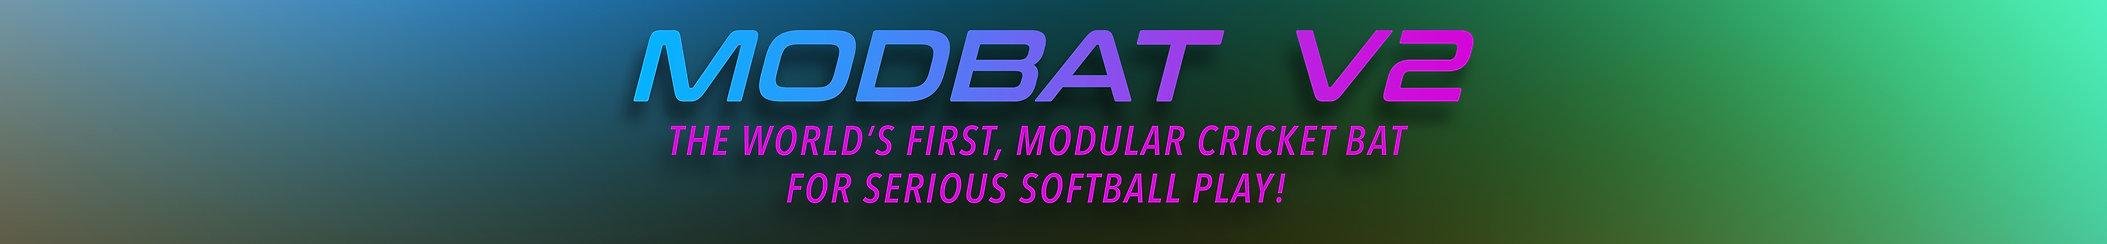 MODBAT-TITLE-text3.jpg